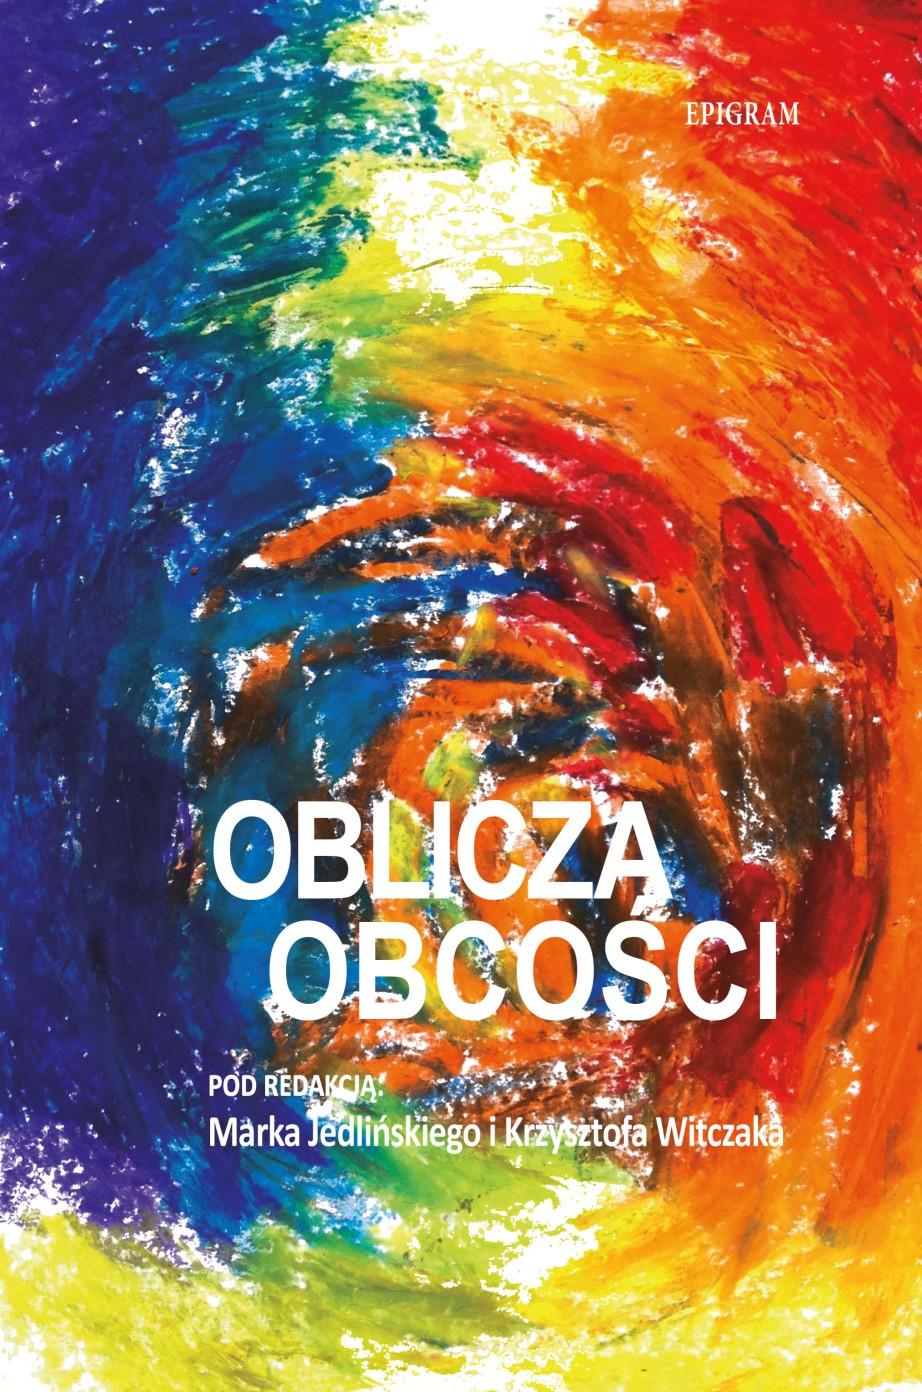 Oblicza obcości / Marek Jedliński i Krzysztof Witczak (red.) okładka